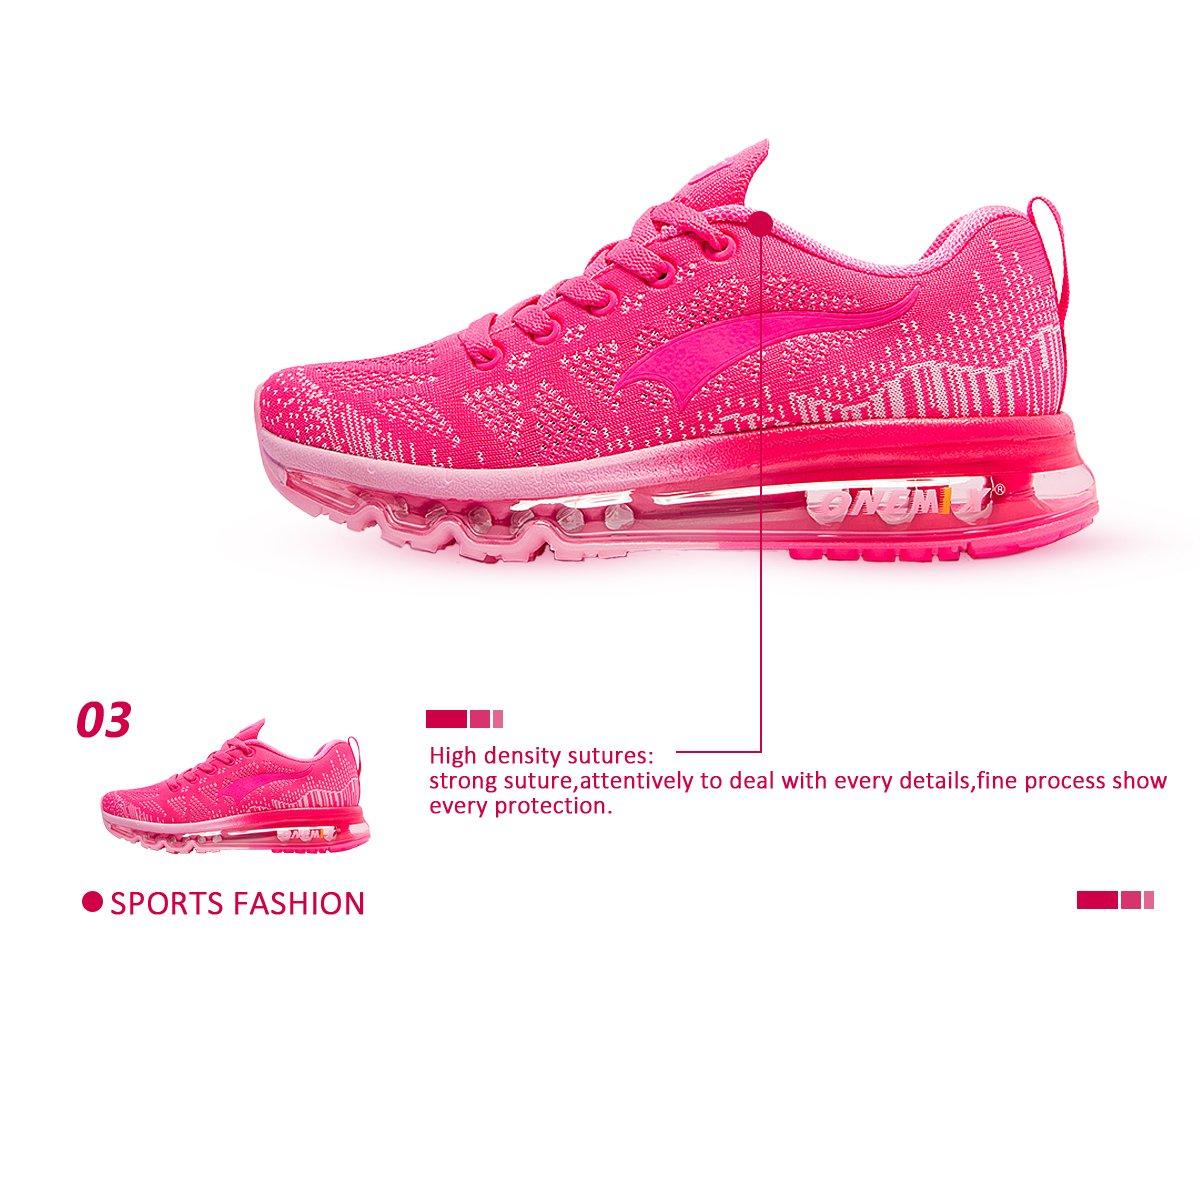 ONEMIX Women's Lightweight Air Cushion Outdoor Sport Running Shoes B071R9KCG5 Women 5.5(M)US/Kid 4(M)US 36EU|Rose Red